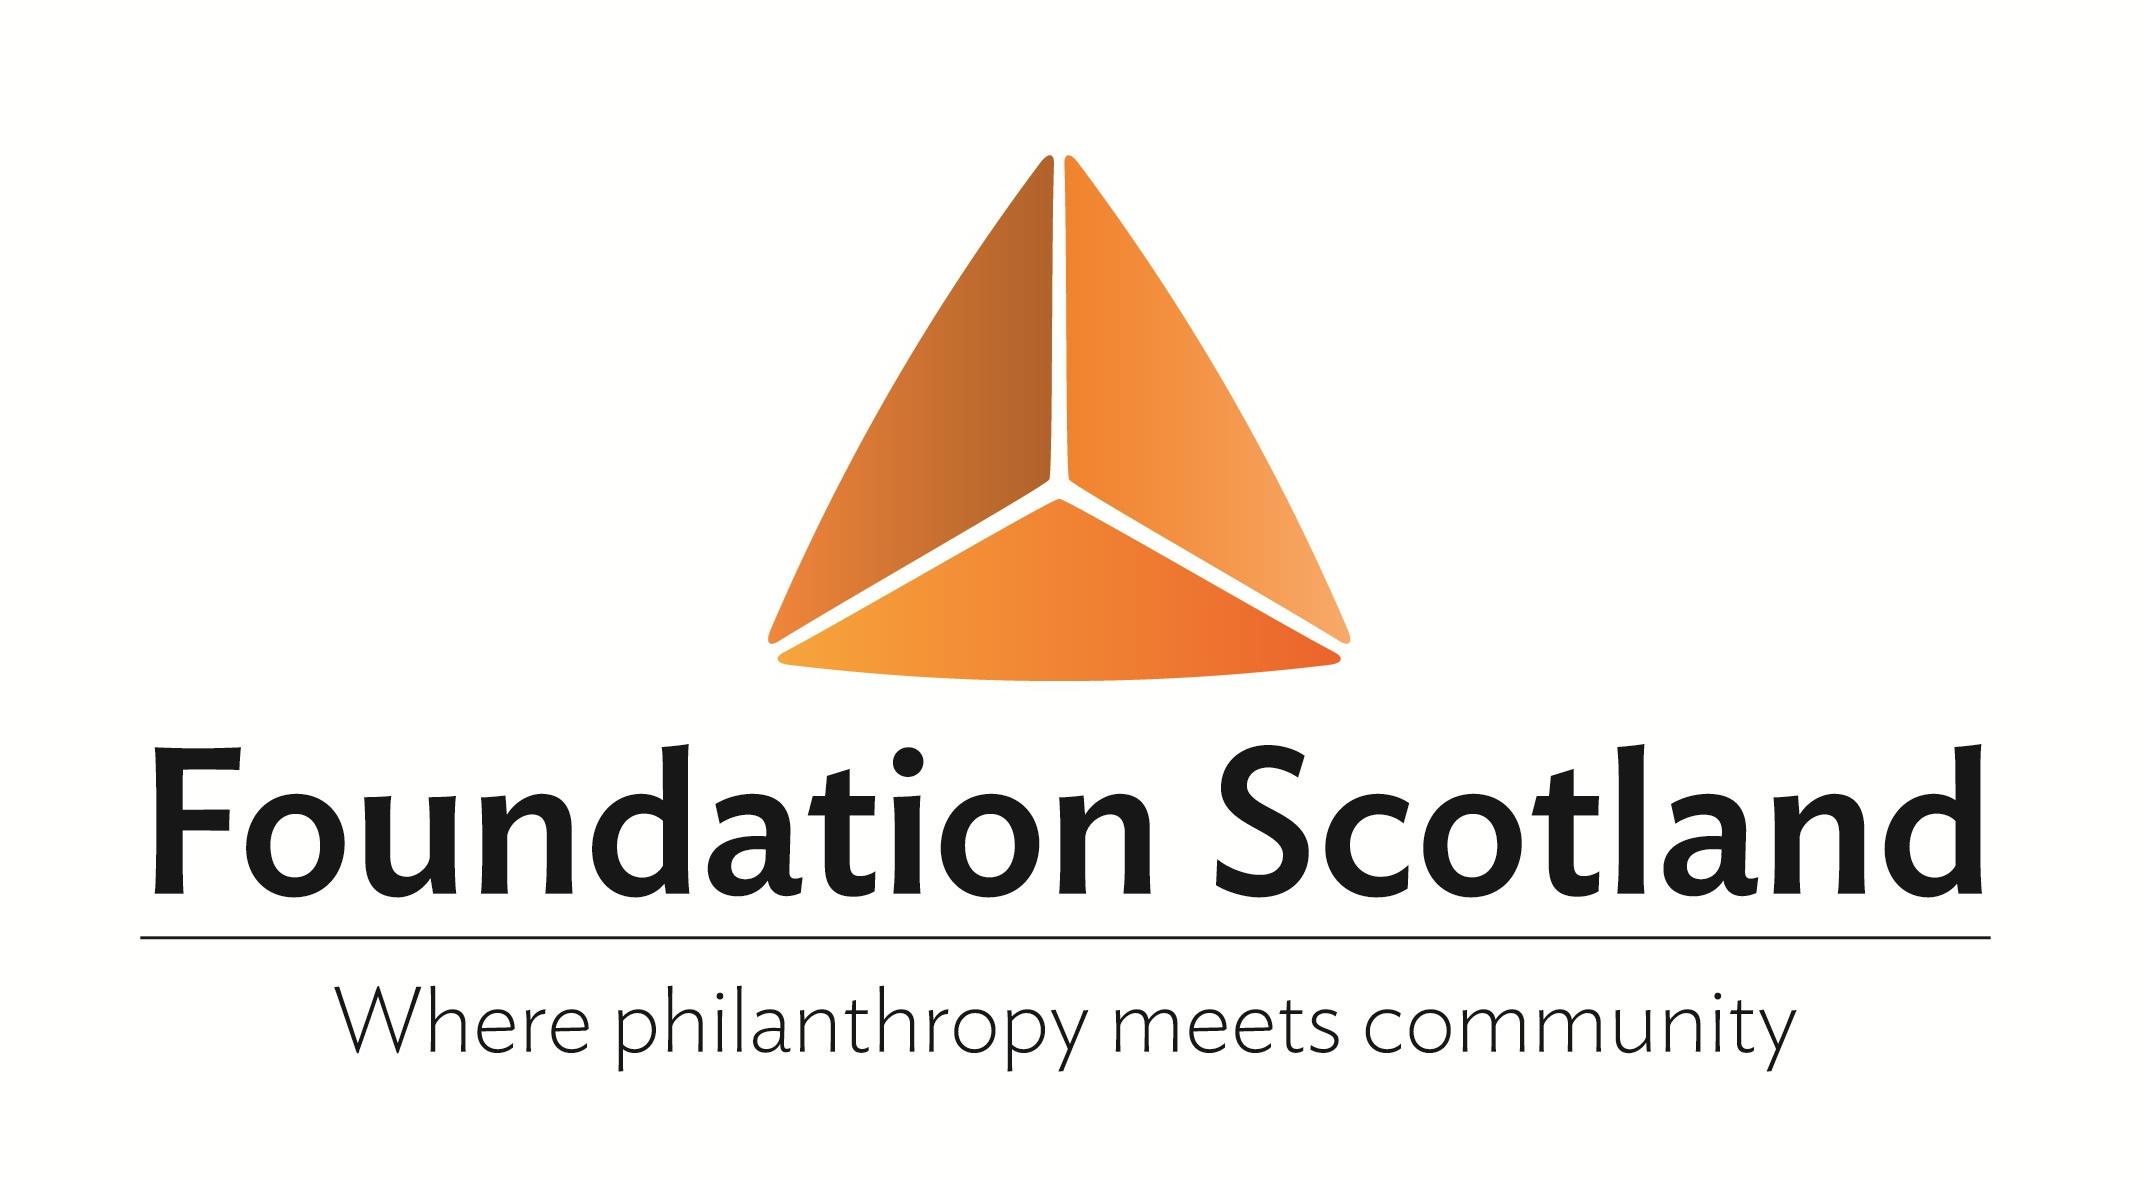 Link to Foundation Scotland website